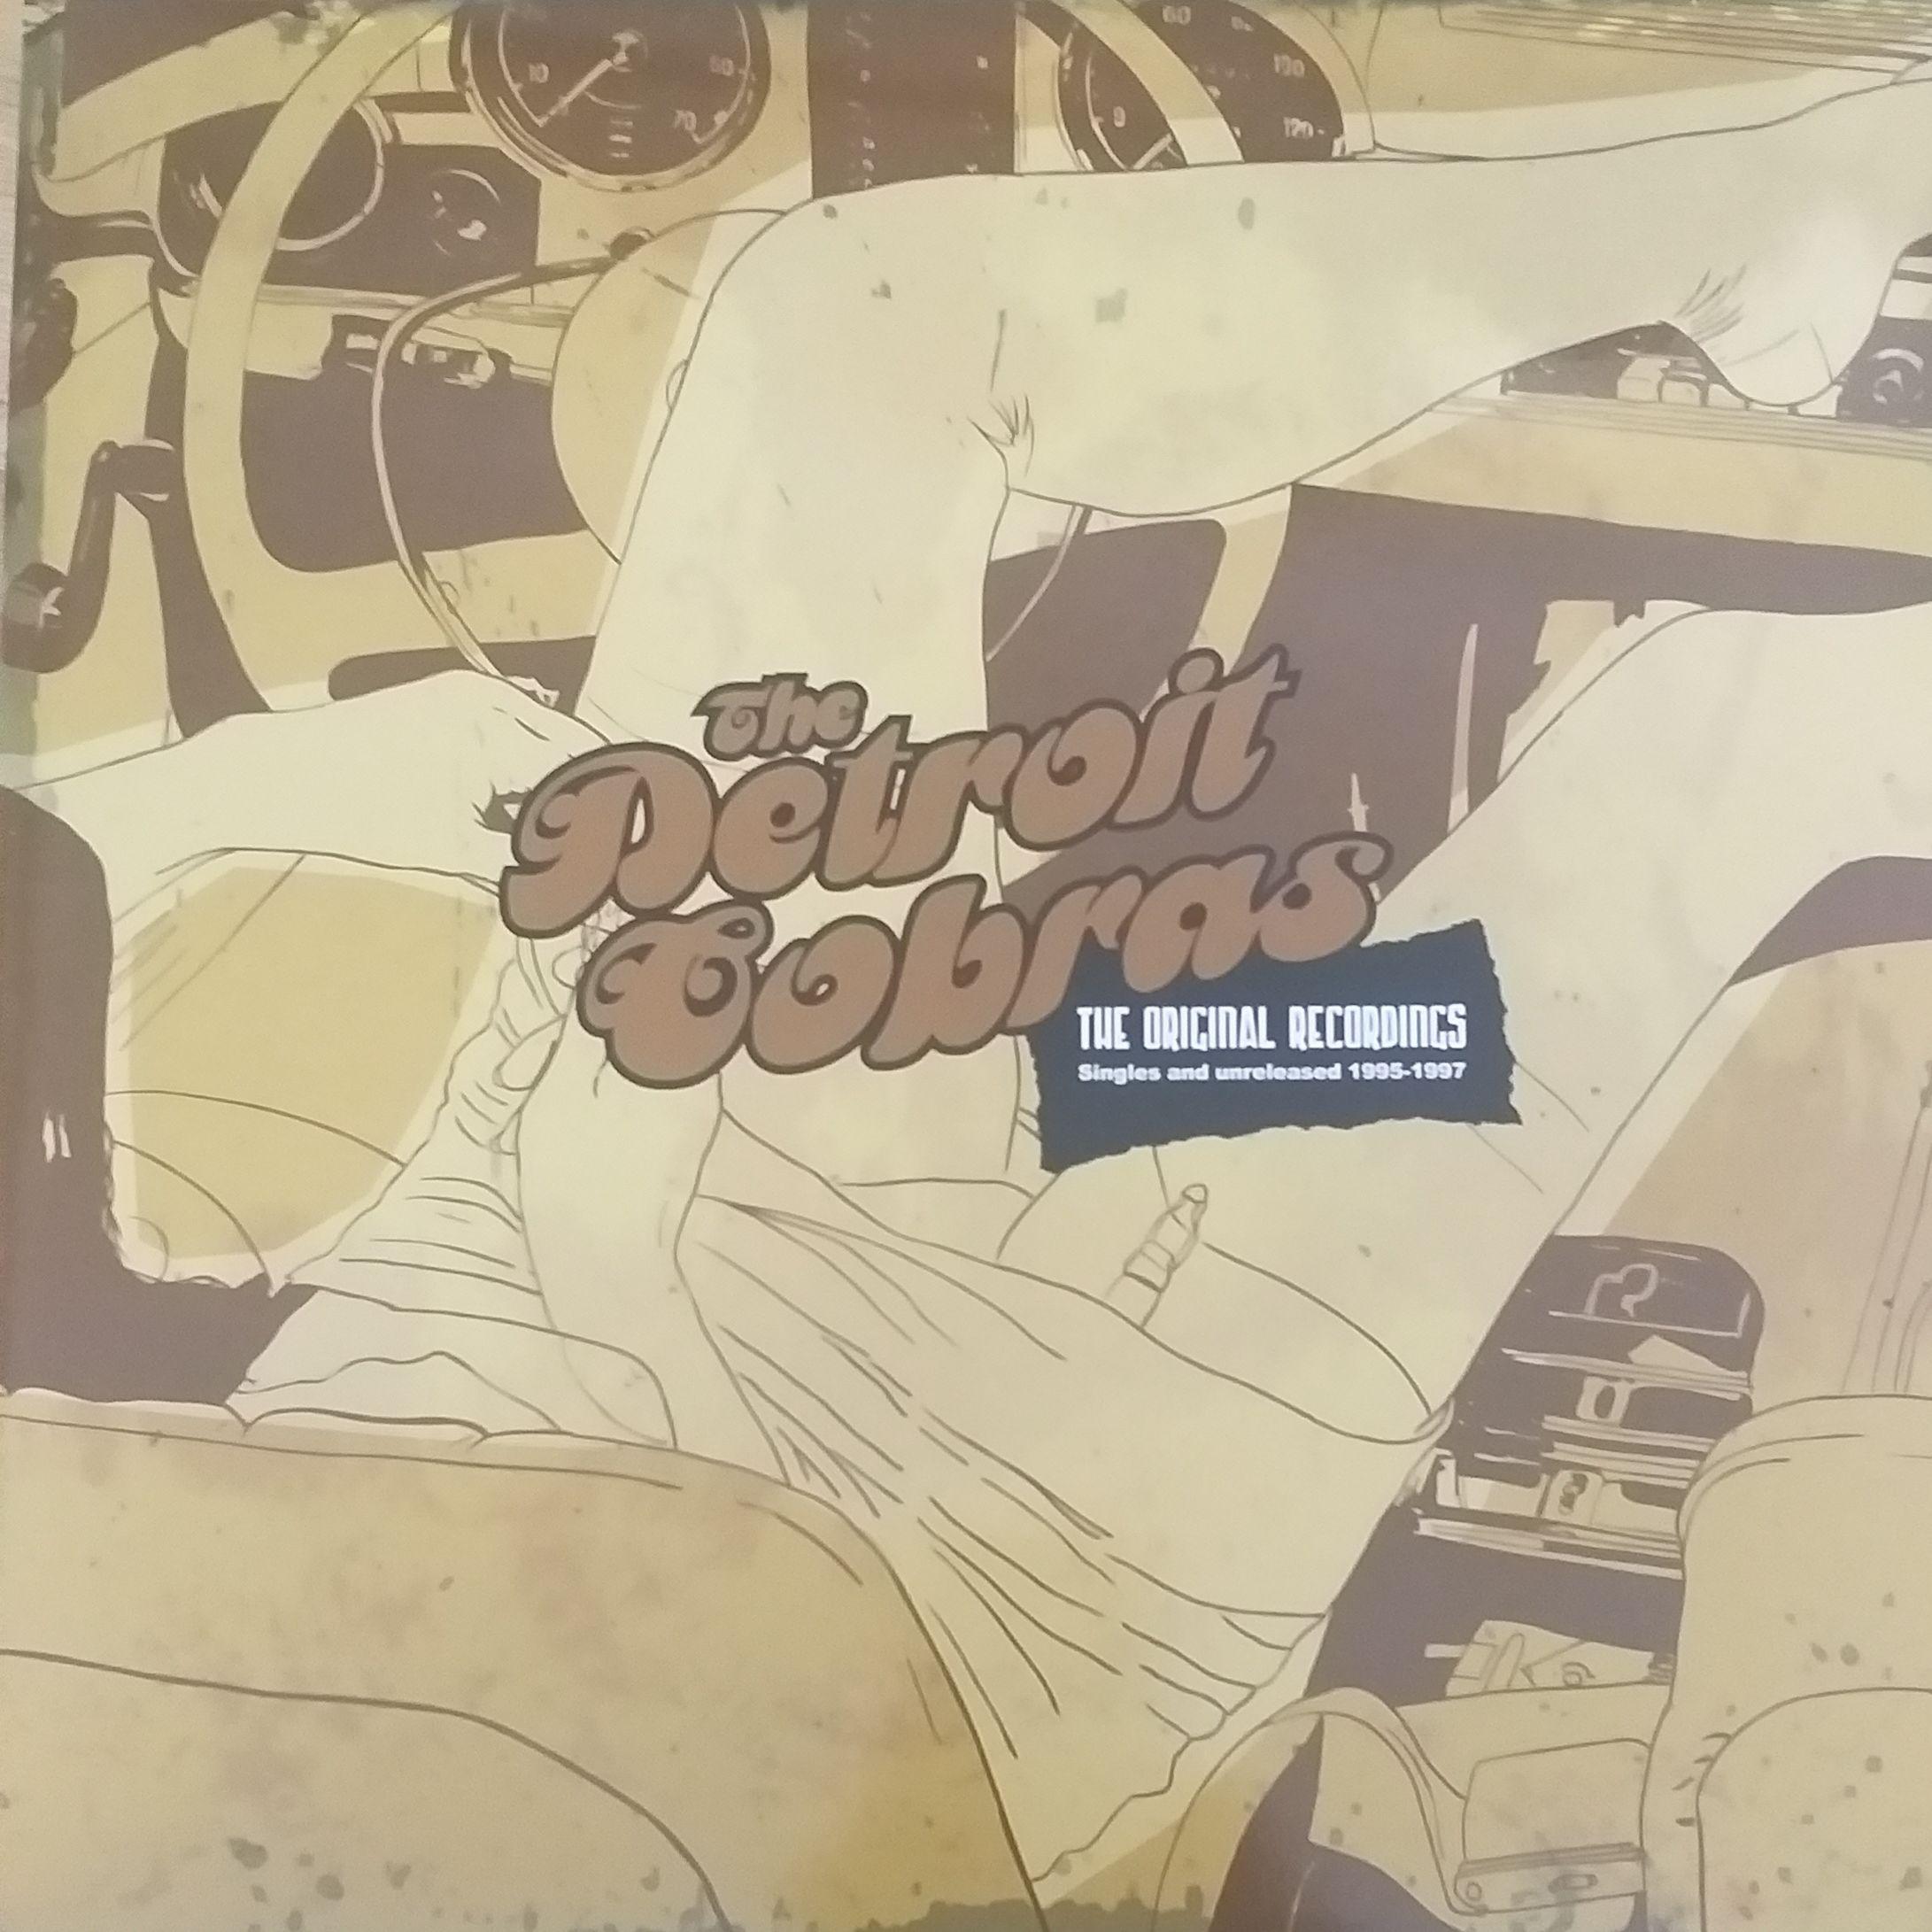 The Detroit cobras The original recordings (1995-1997) LP undefined